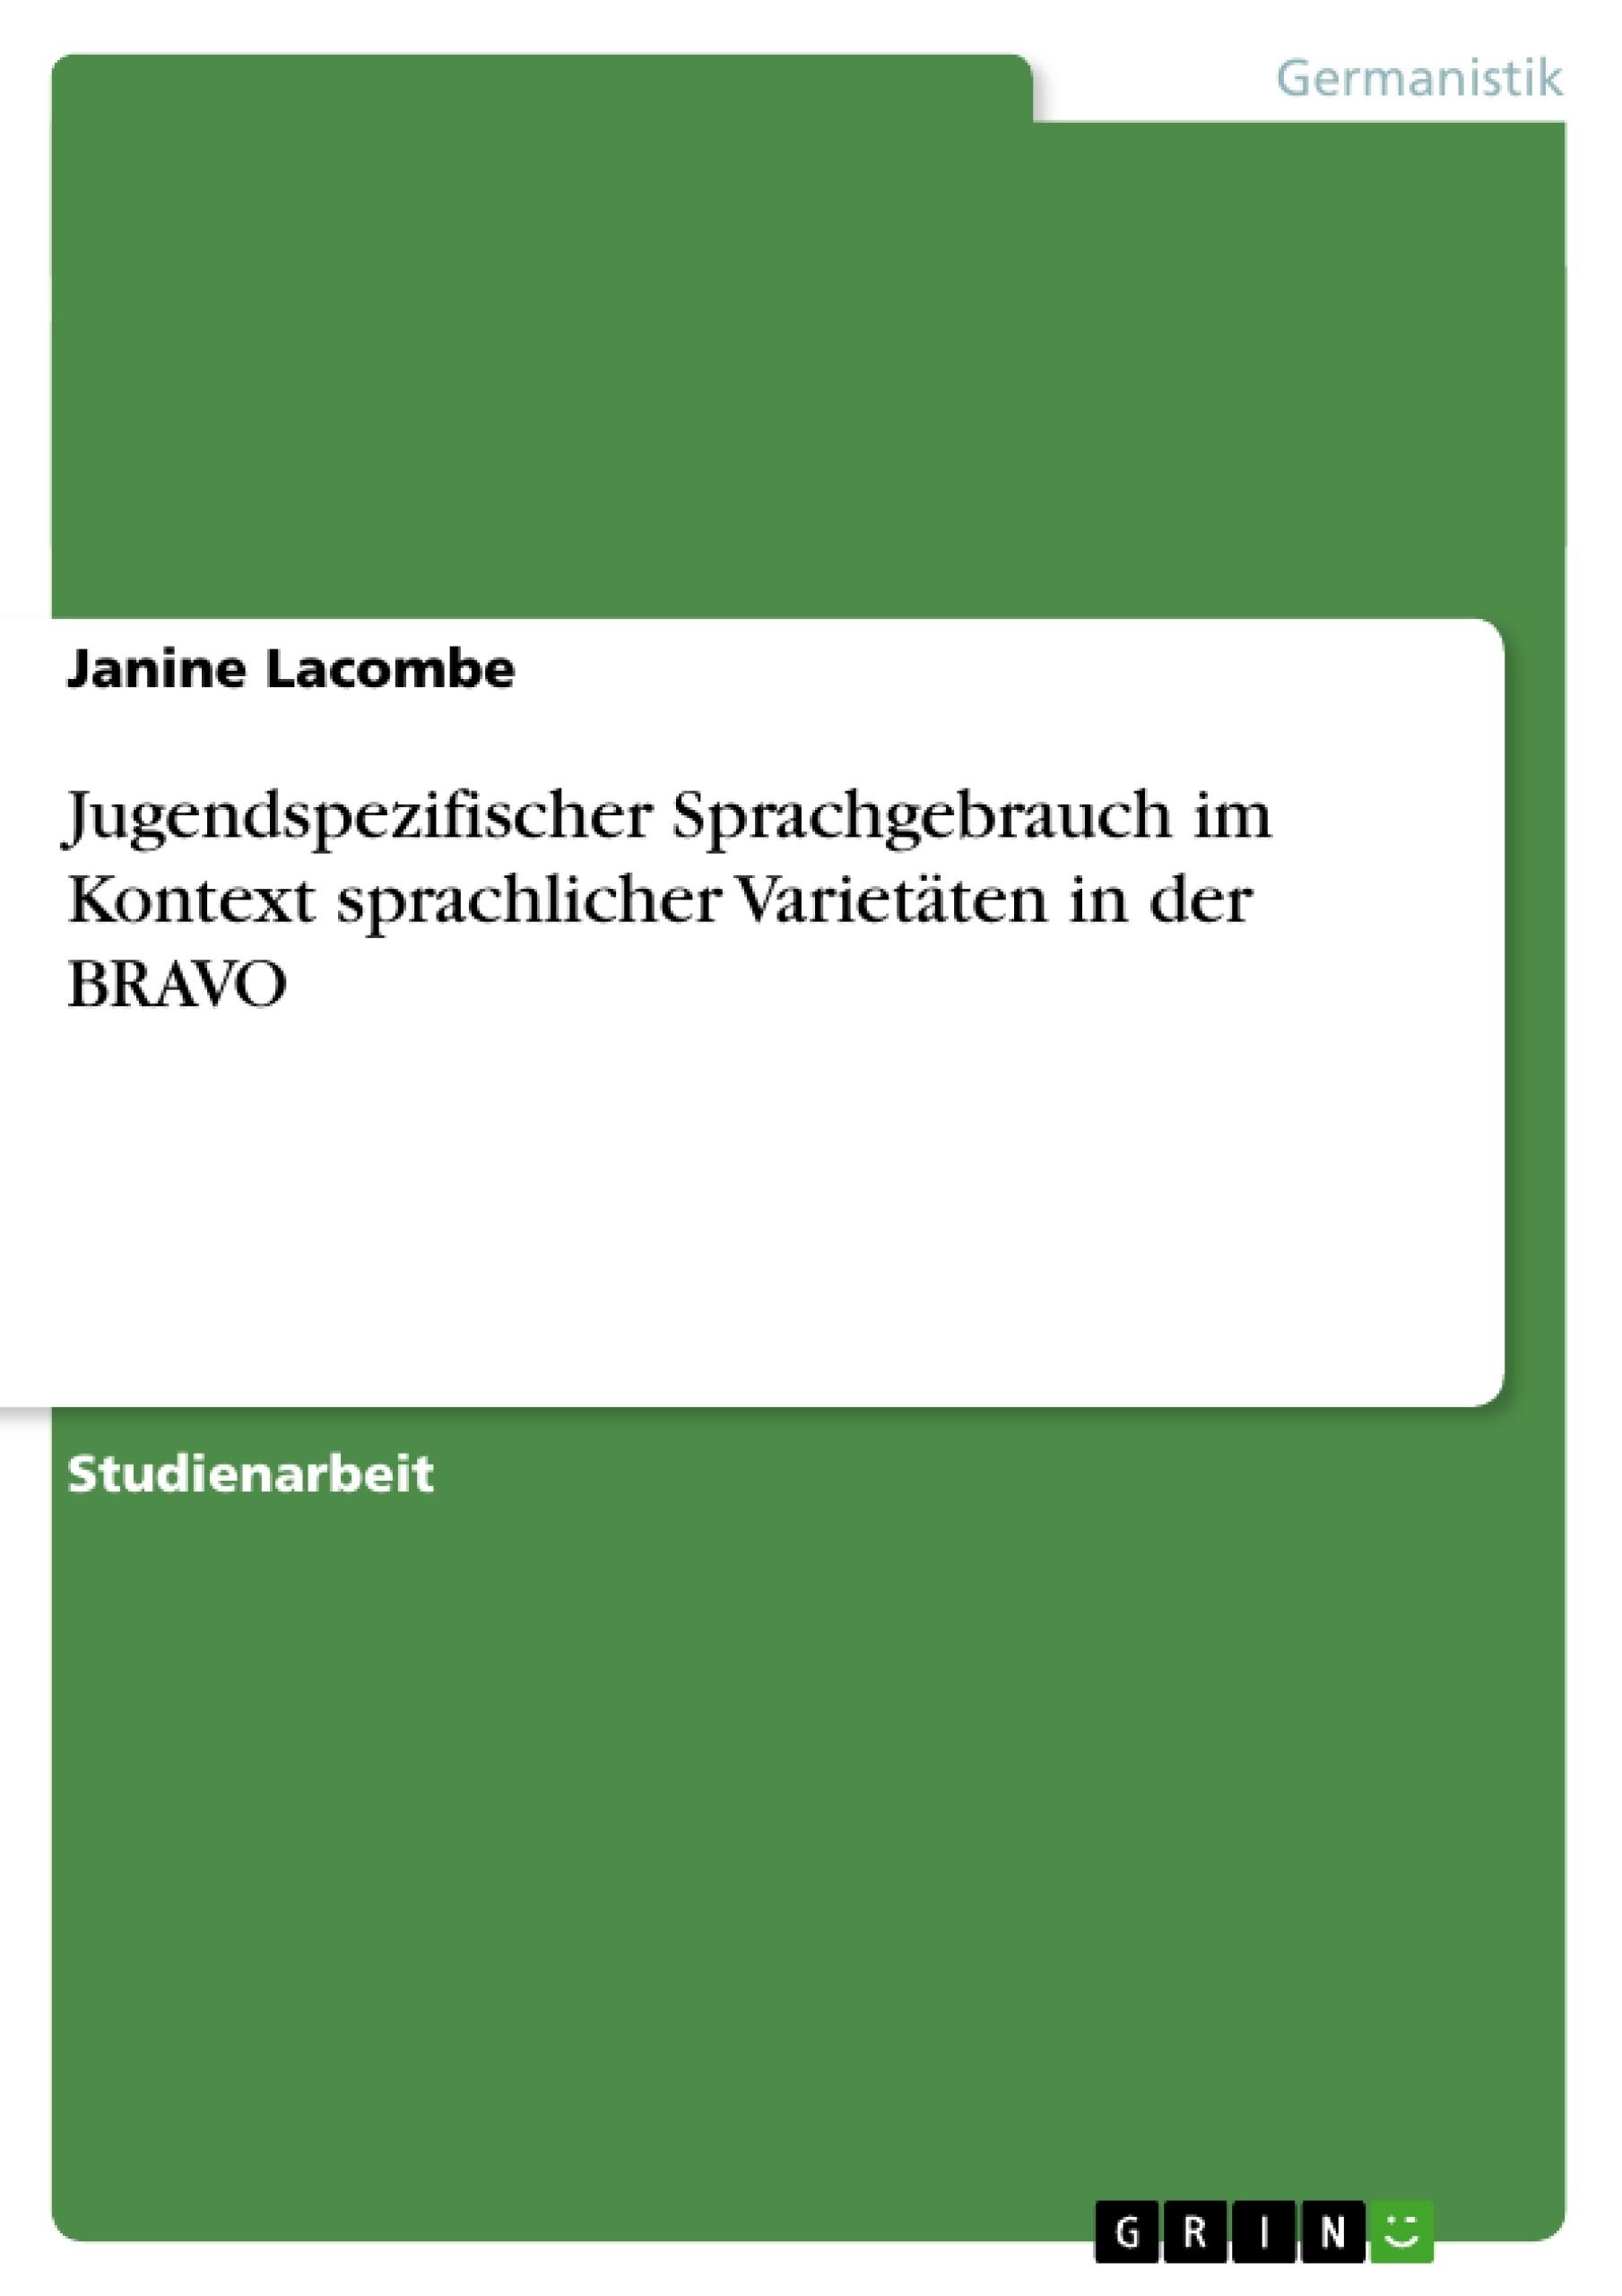 Titel: Jugendspezifischer Sprachgebrauch im Kontext sprachlicher Varietäten in der BRAVO